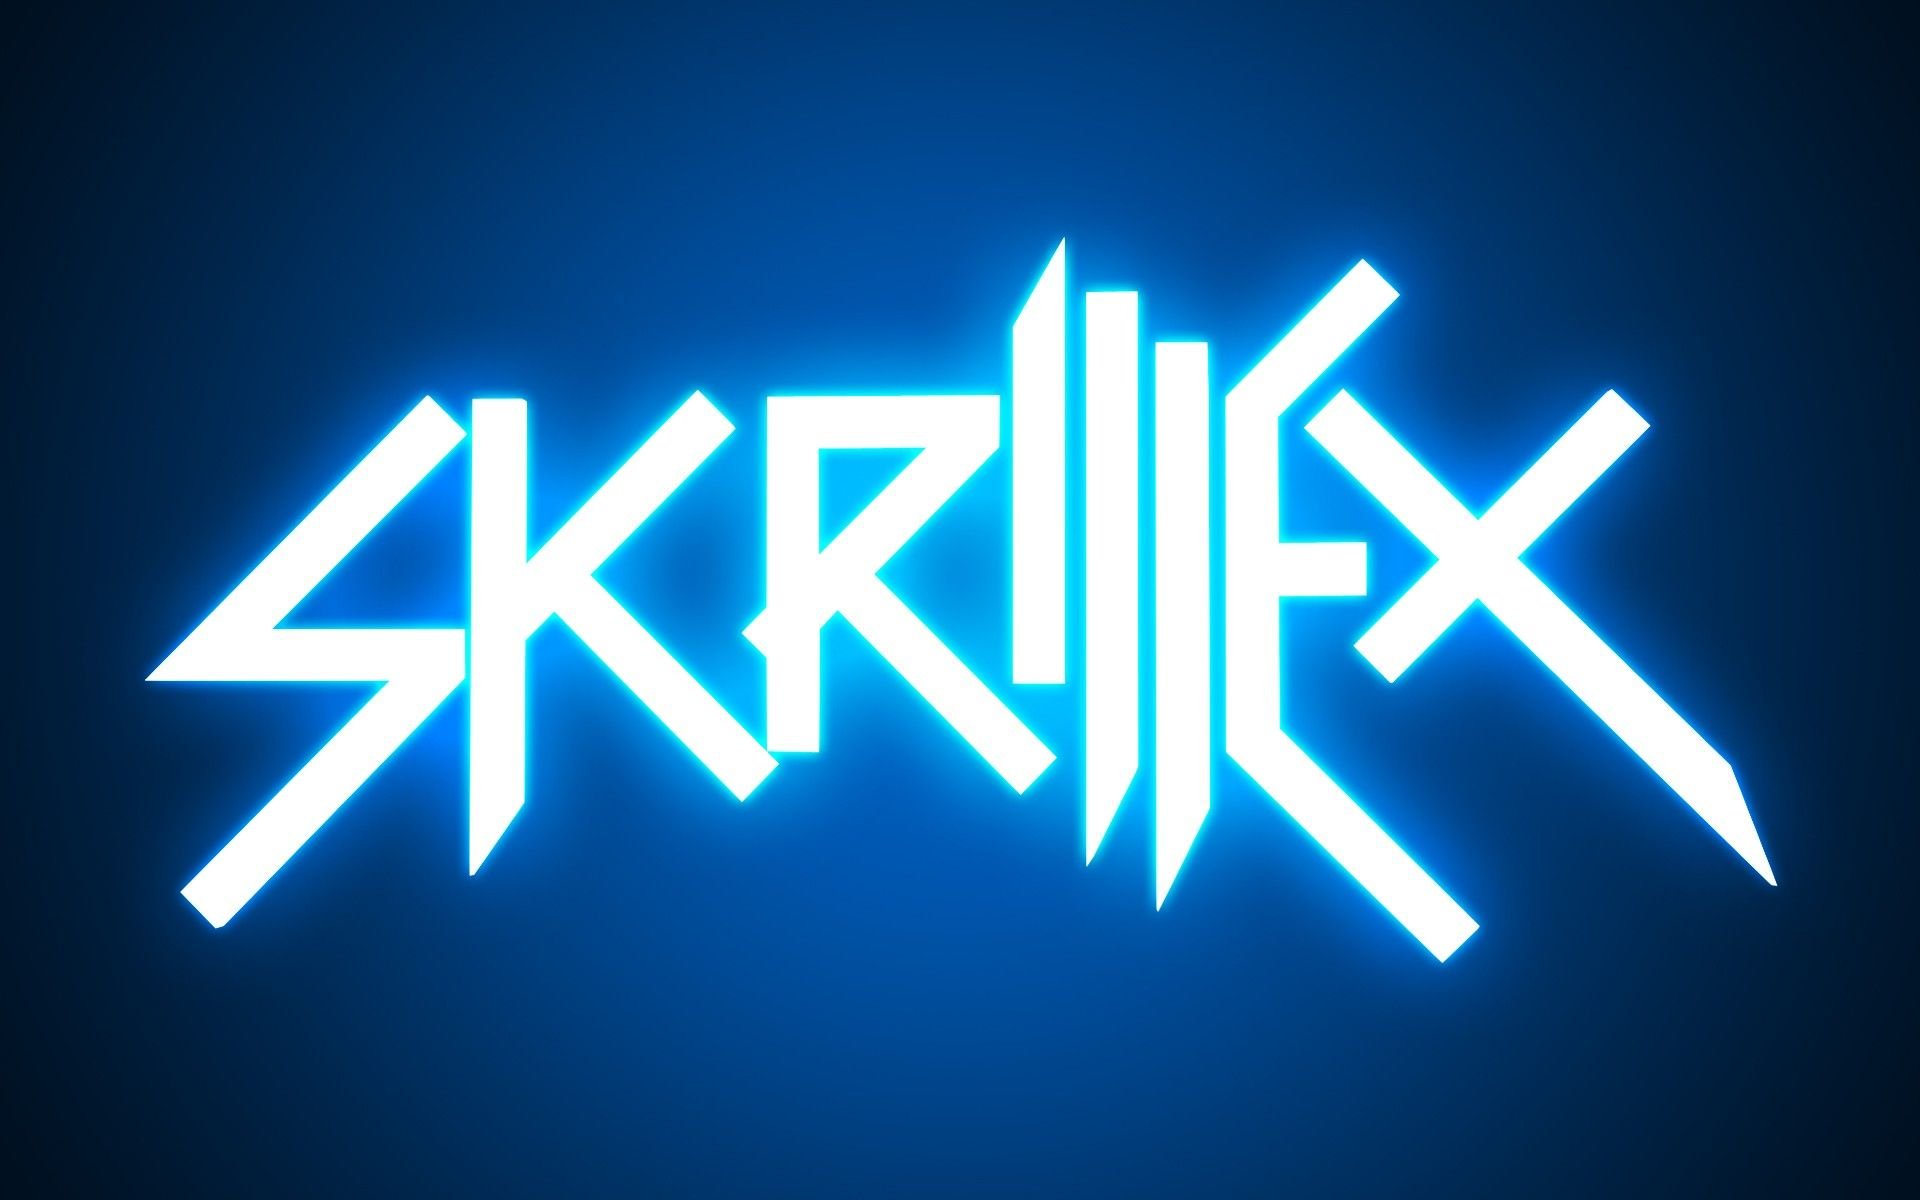 Skrillex Logo Lights Free Download Music HD Desktop Background